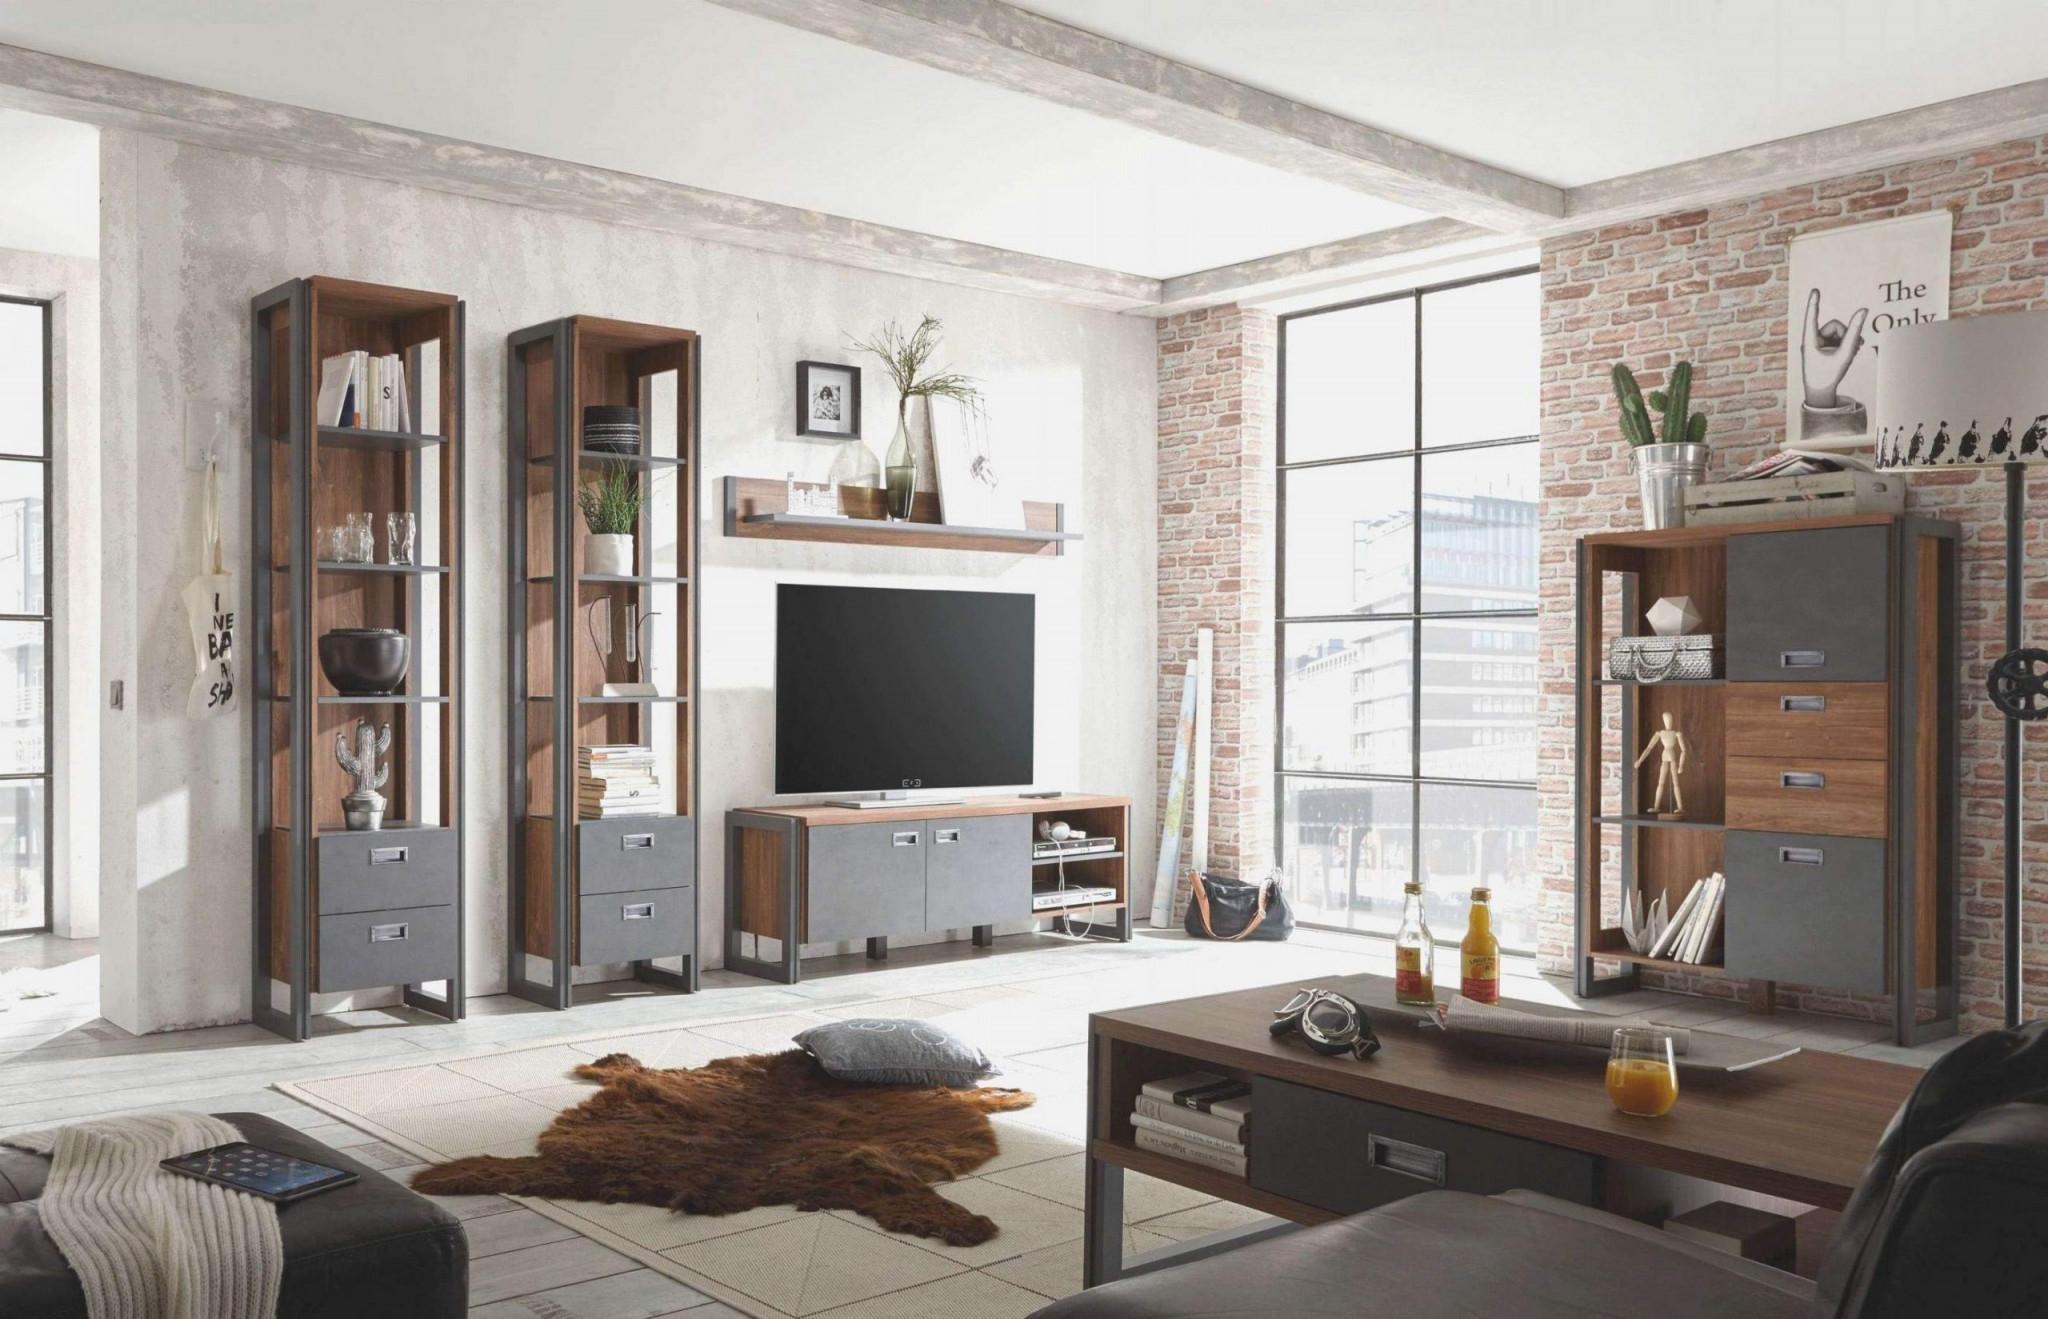 Wohnzimmer Ideen Wandgestaltung Streifen Luxus von Wände Im Wohnzimmer Gestalten Bild